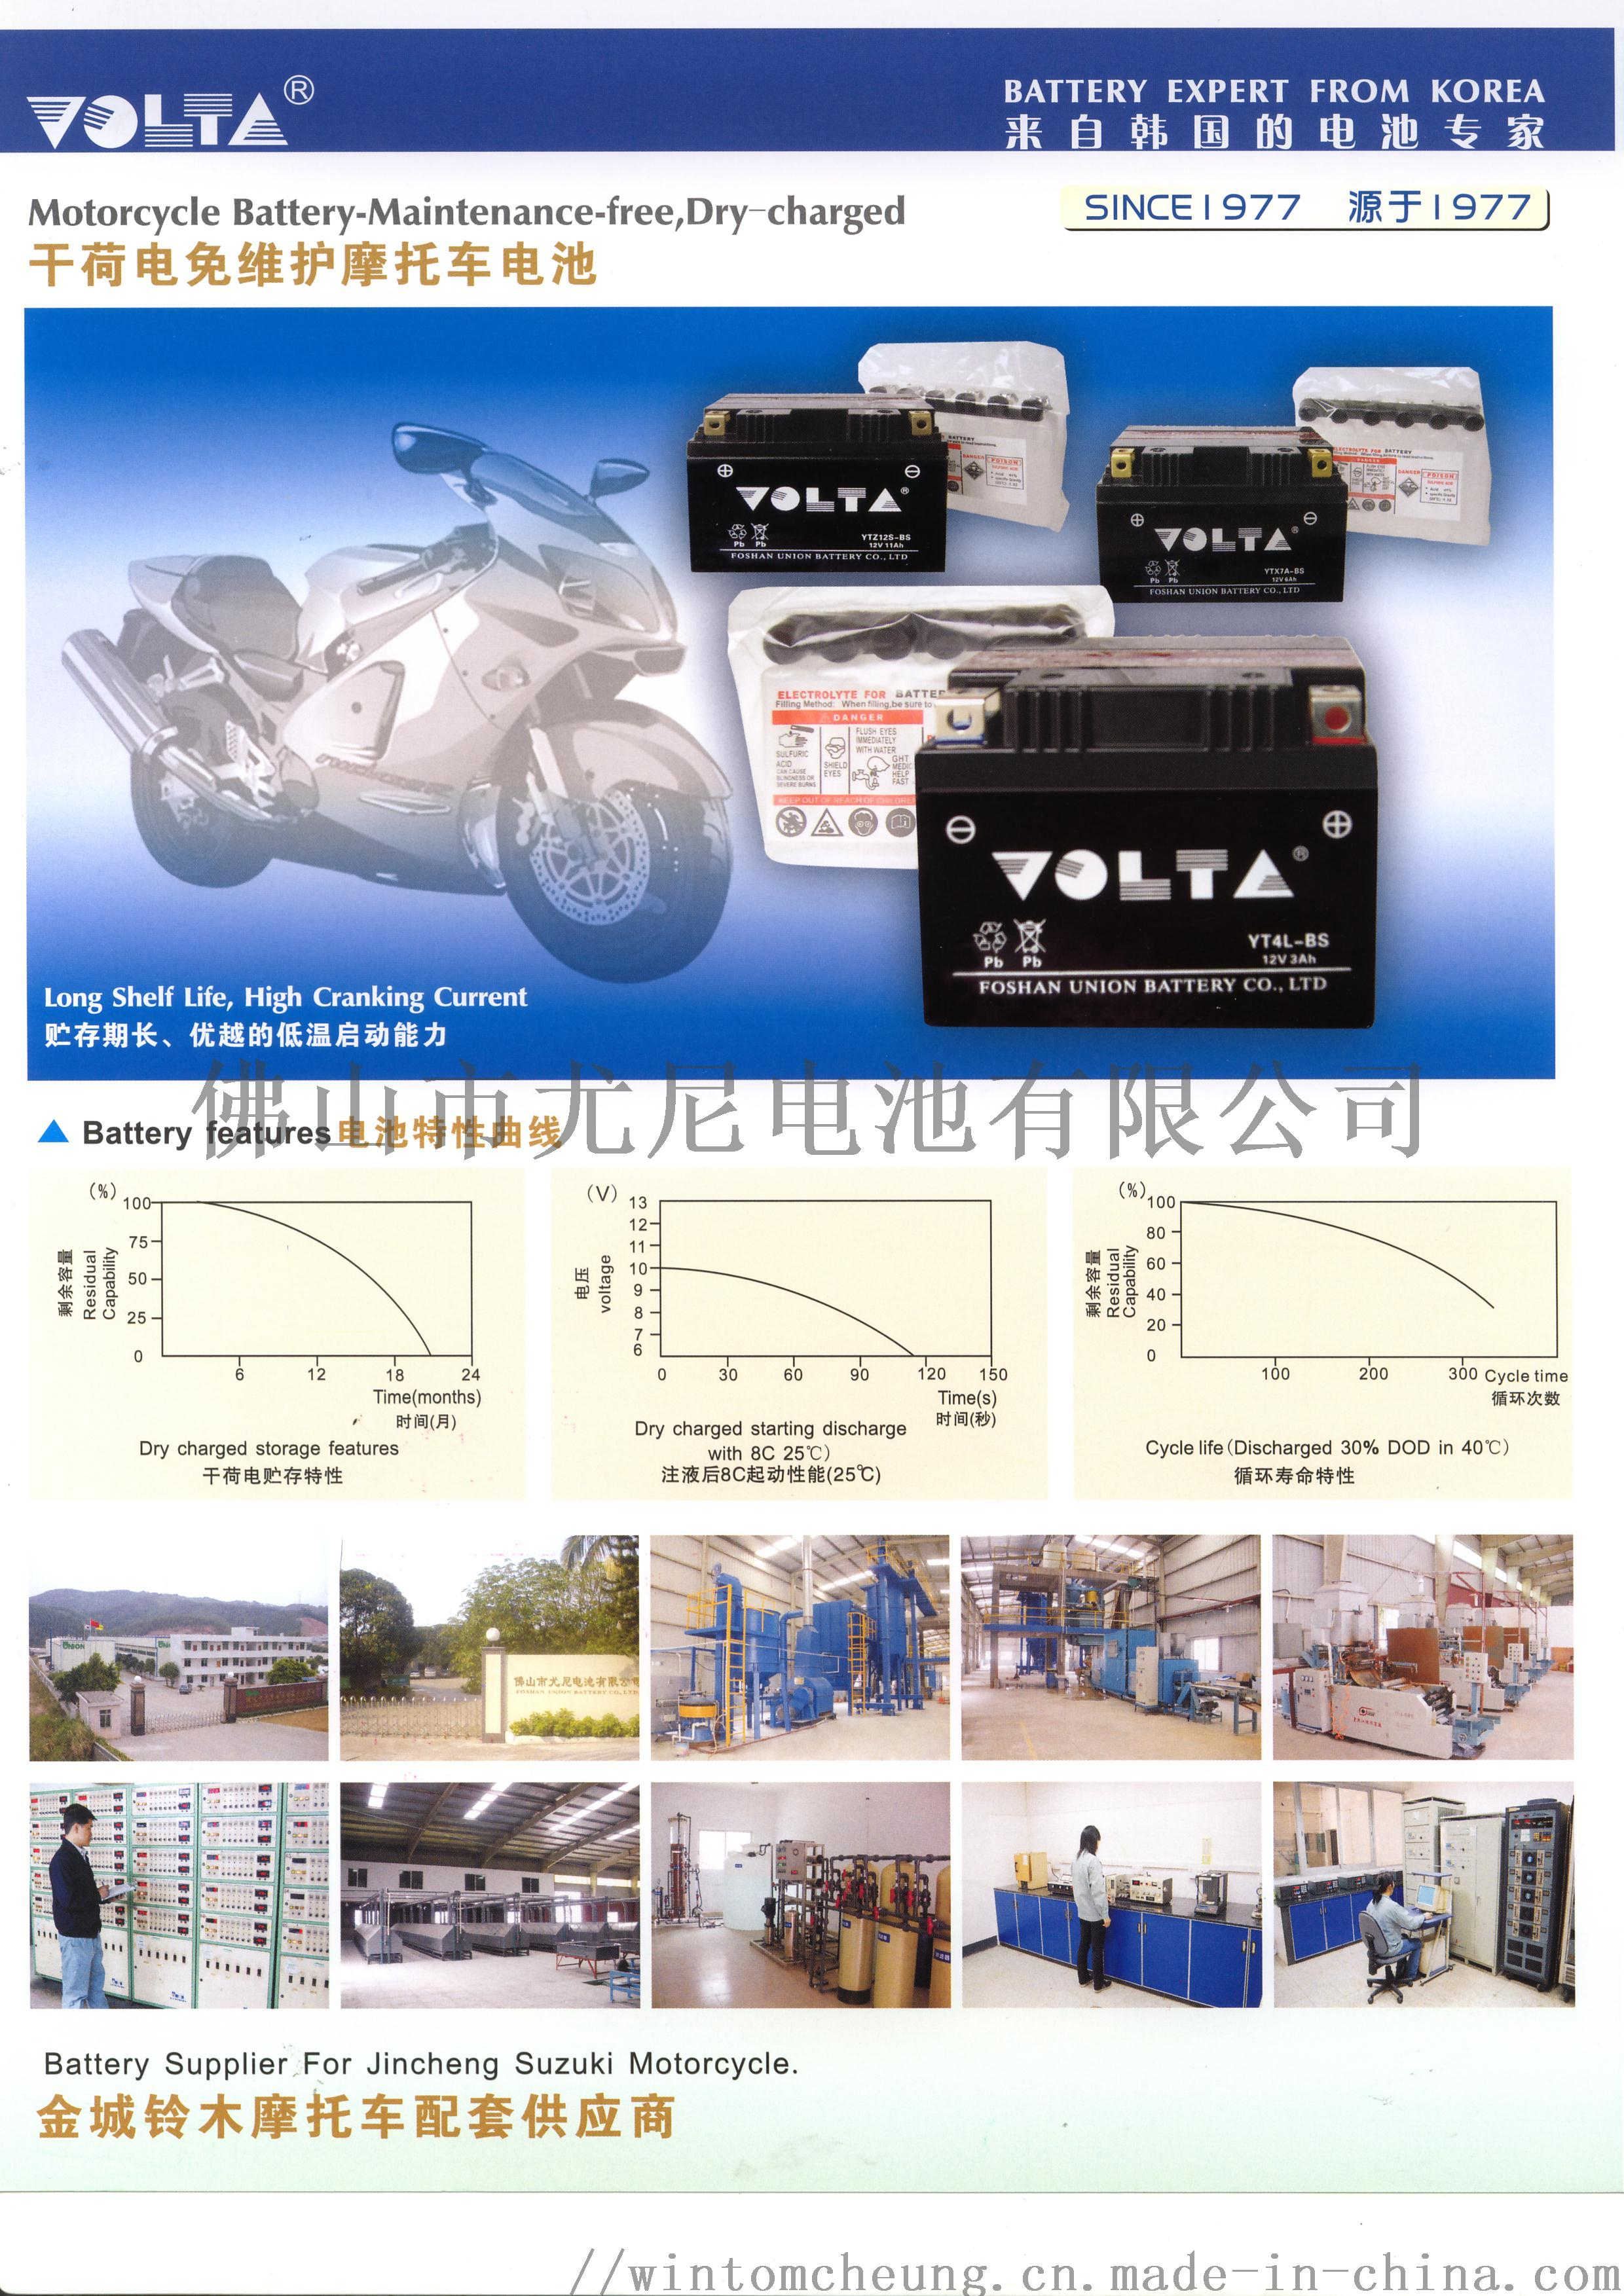 摩托车电池干荷A面.JPG